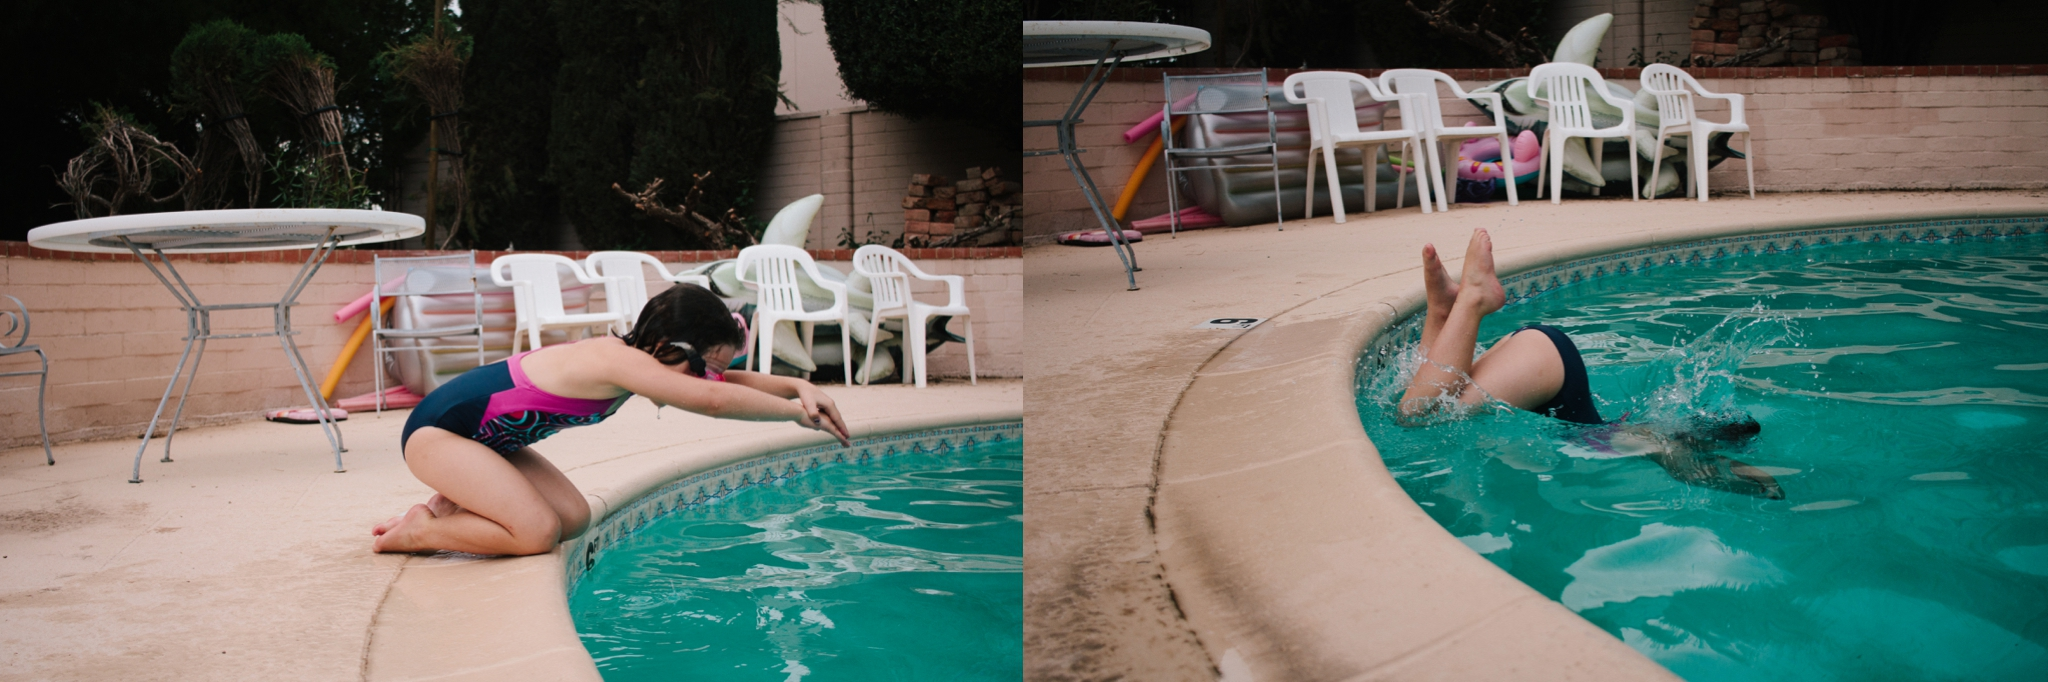 Swimming_0002.jpg